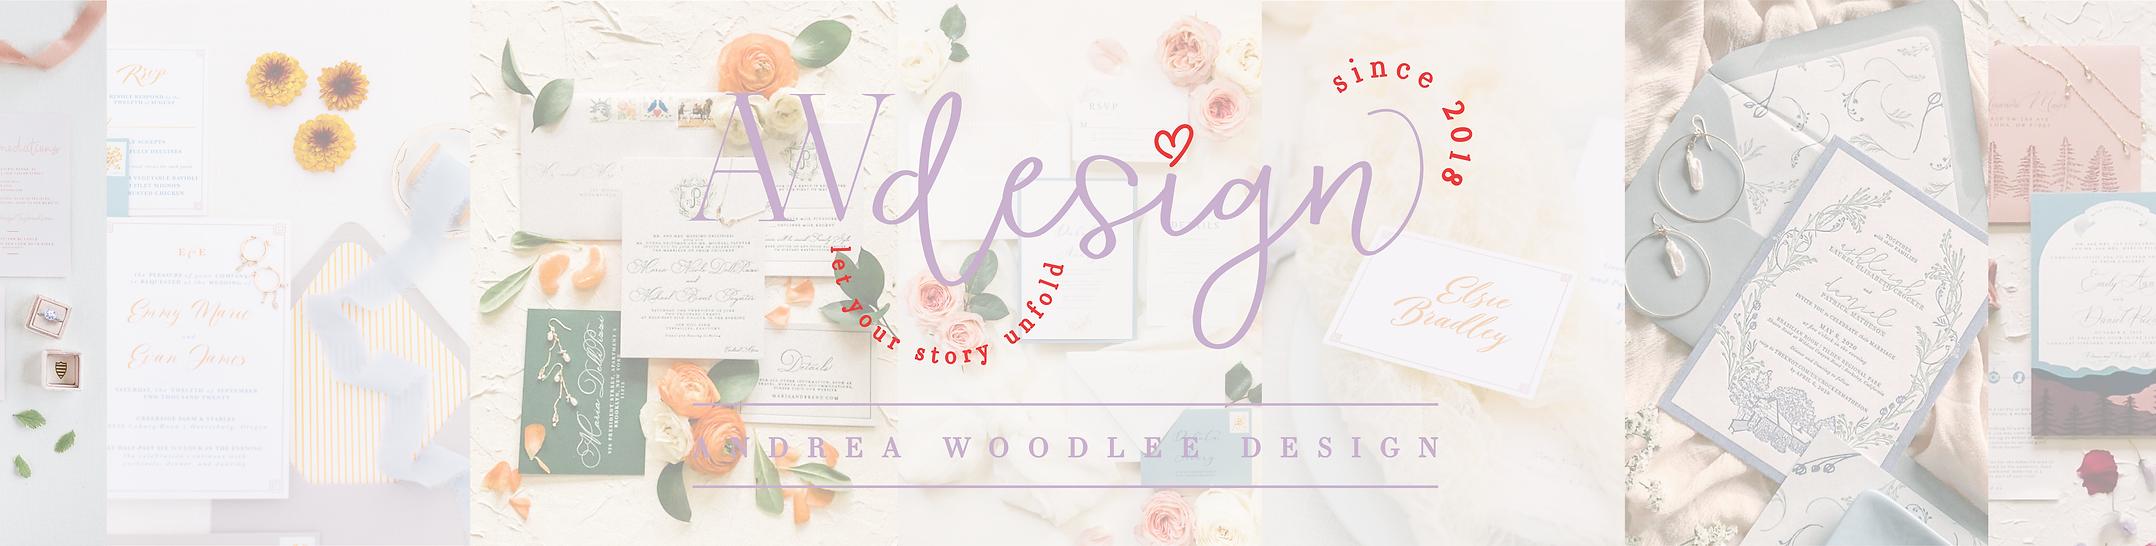 Andrea Woodlee Design